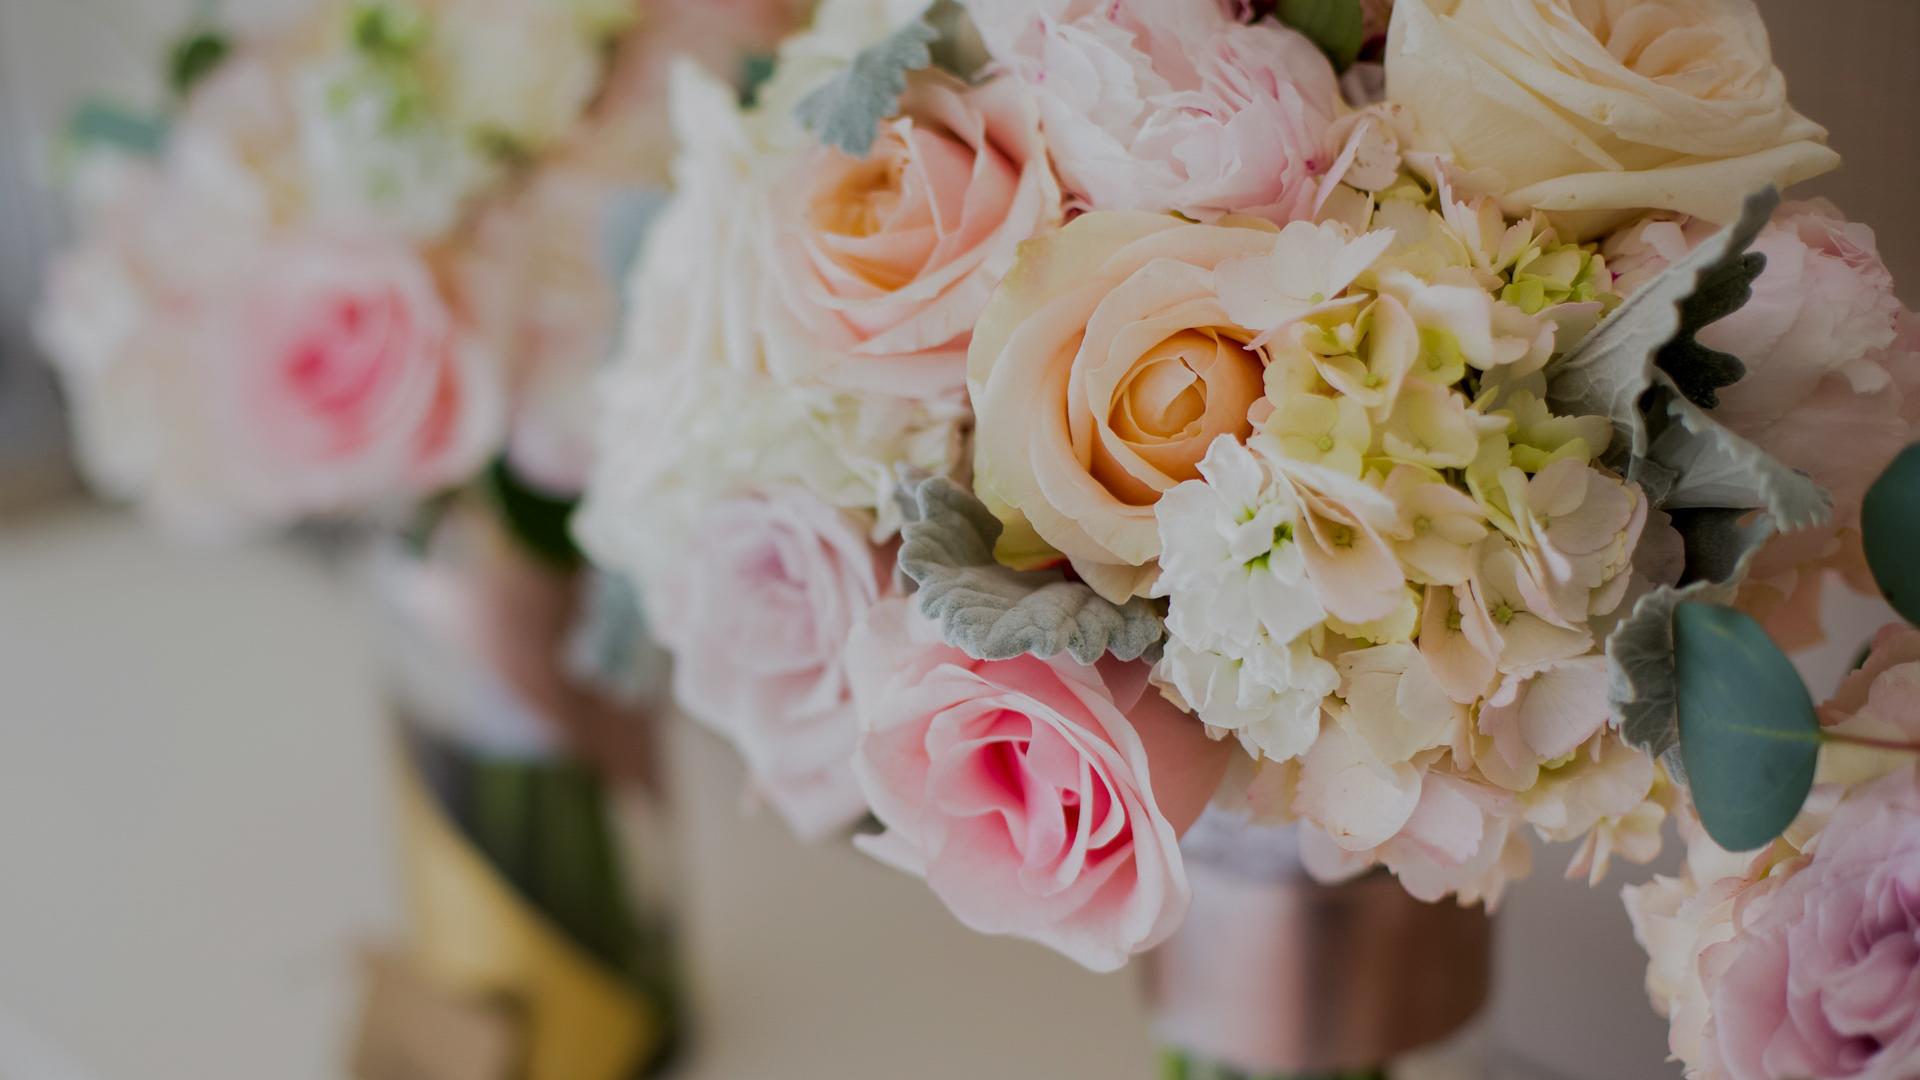 The 4 Eleven WEDDING PHOTOS